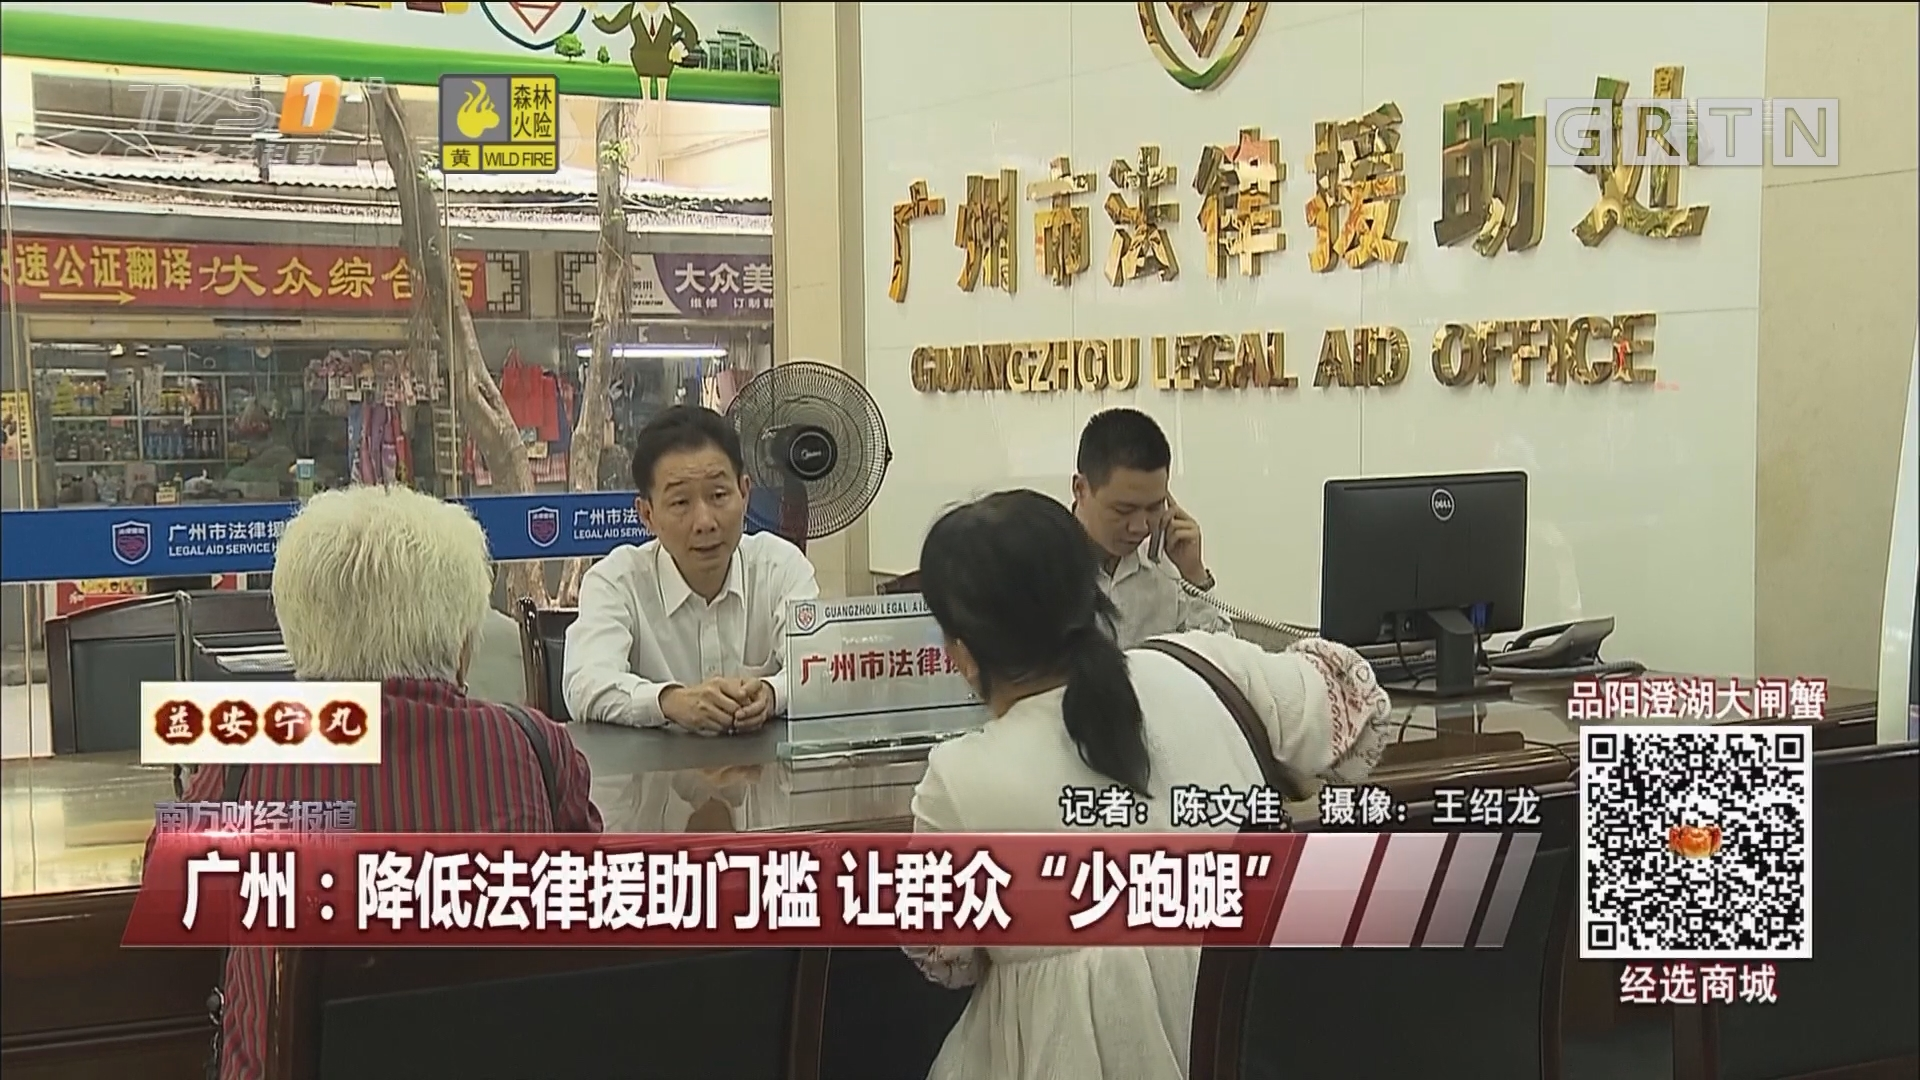 """广州:降低法律援助门槛 让群众""""少跑腿"""""""